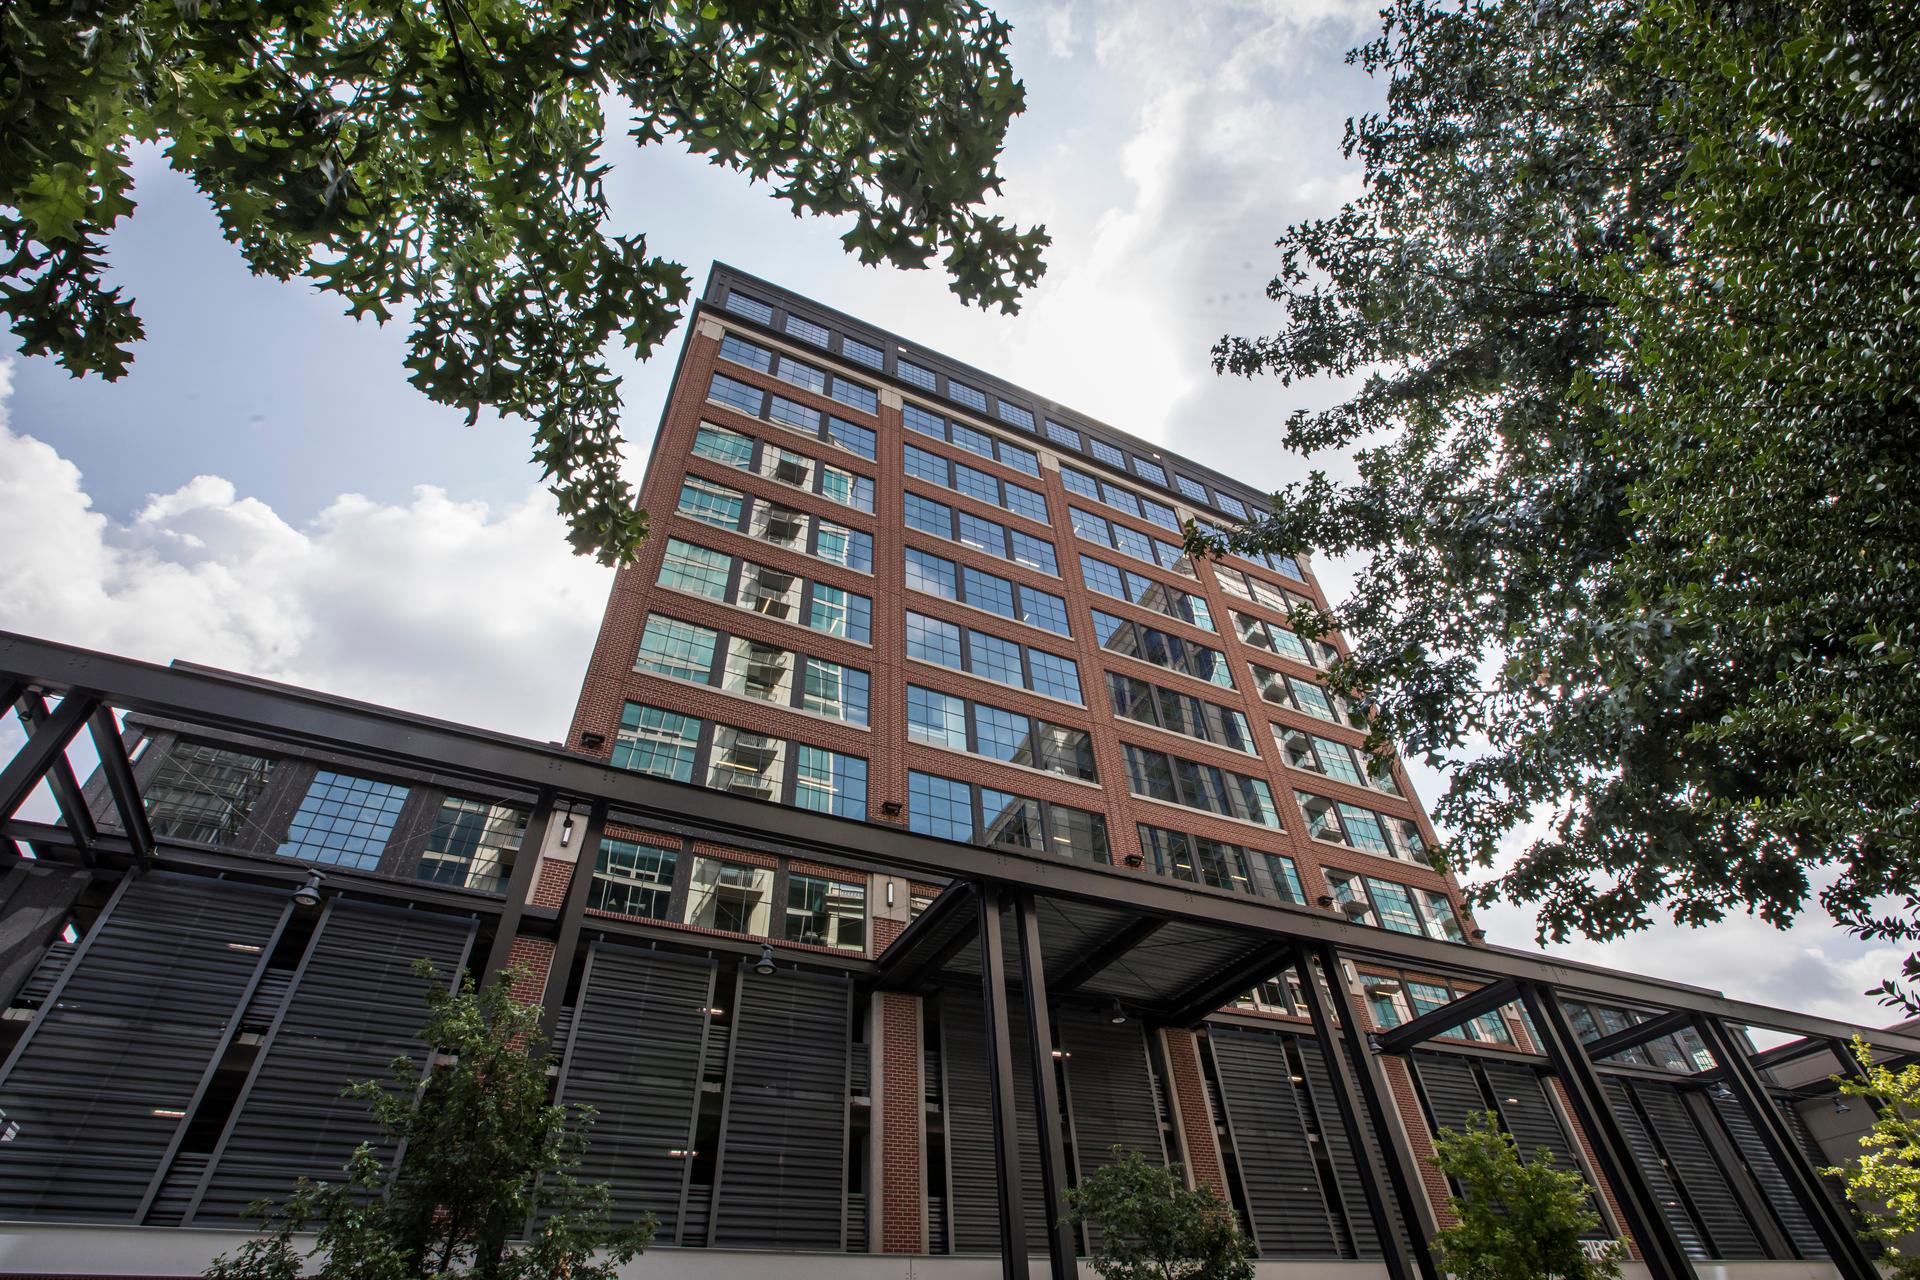 Pella Windows and Doors 309 East Paces Apartment Building Atlanta Georgia Design